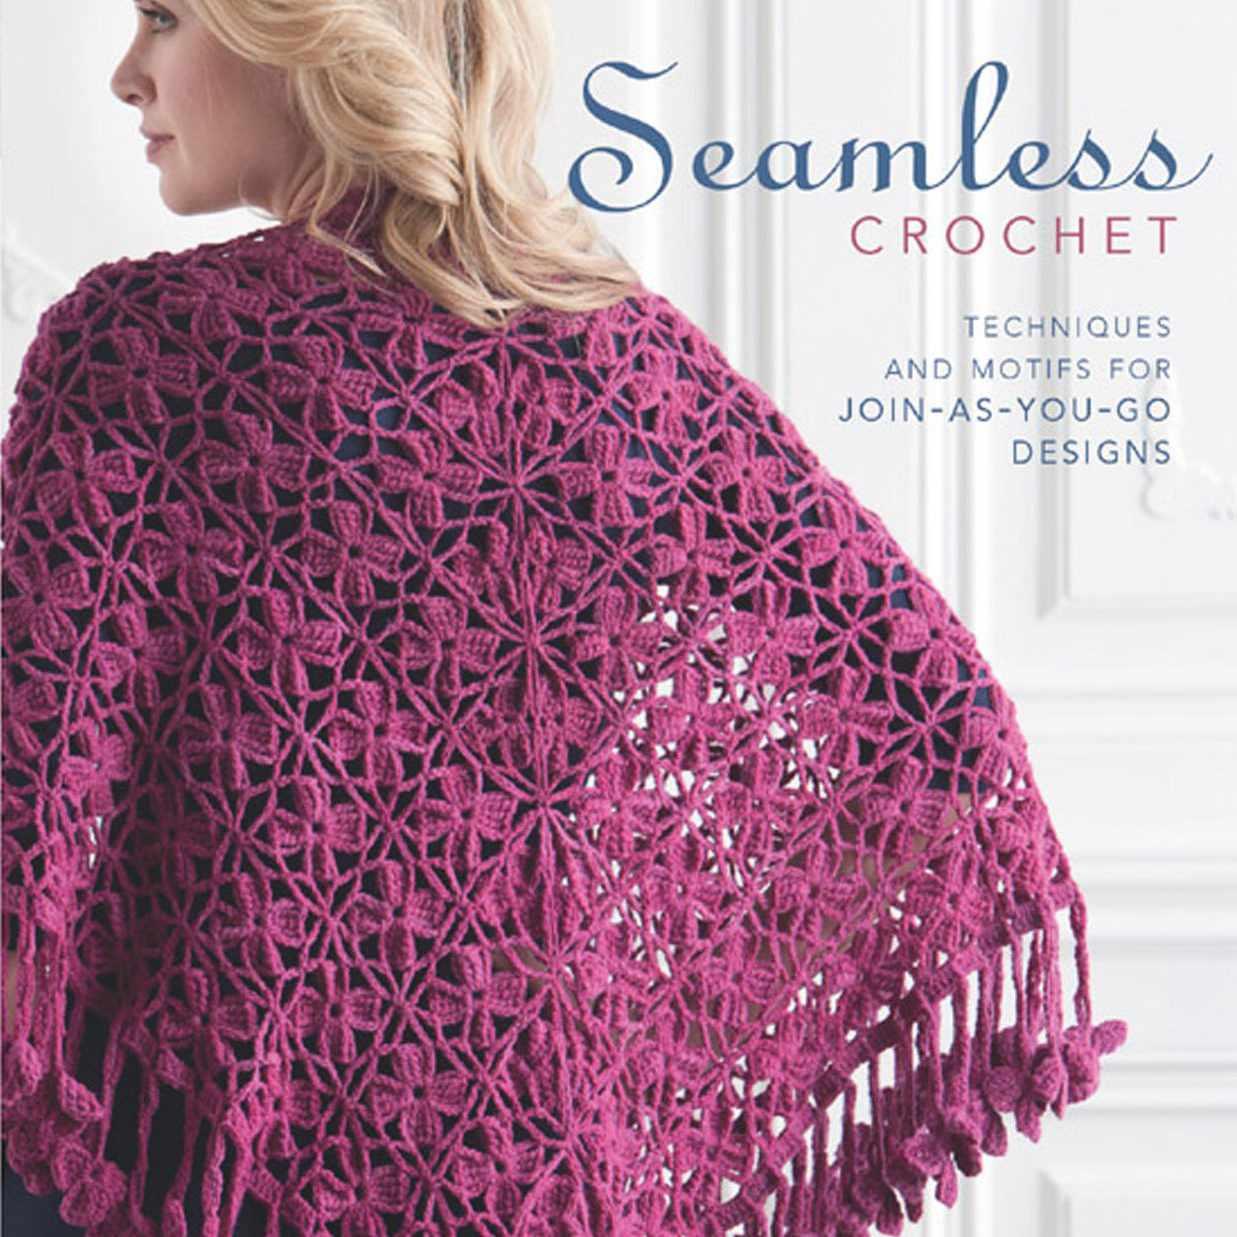 Seamless Crochet Book